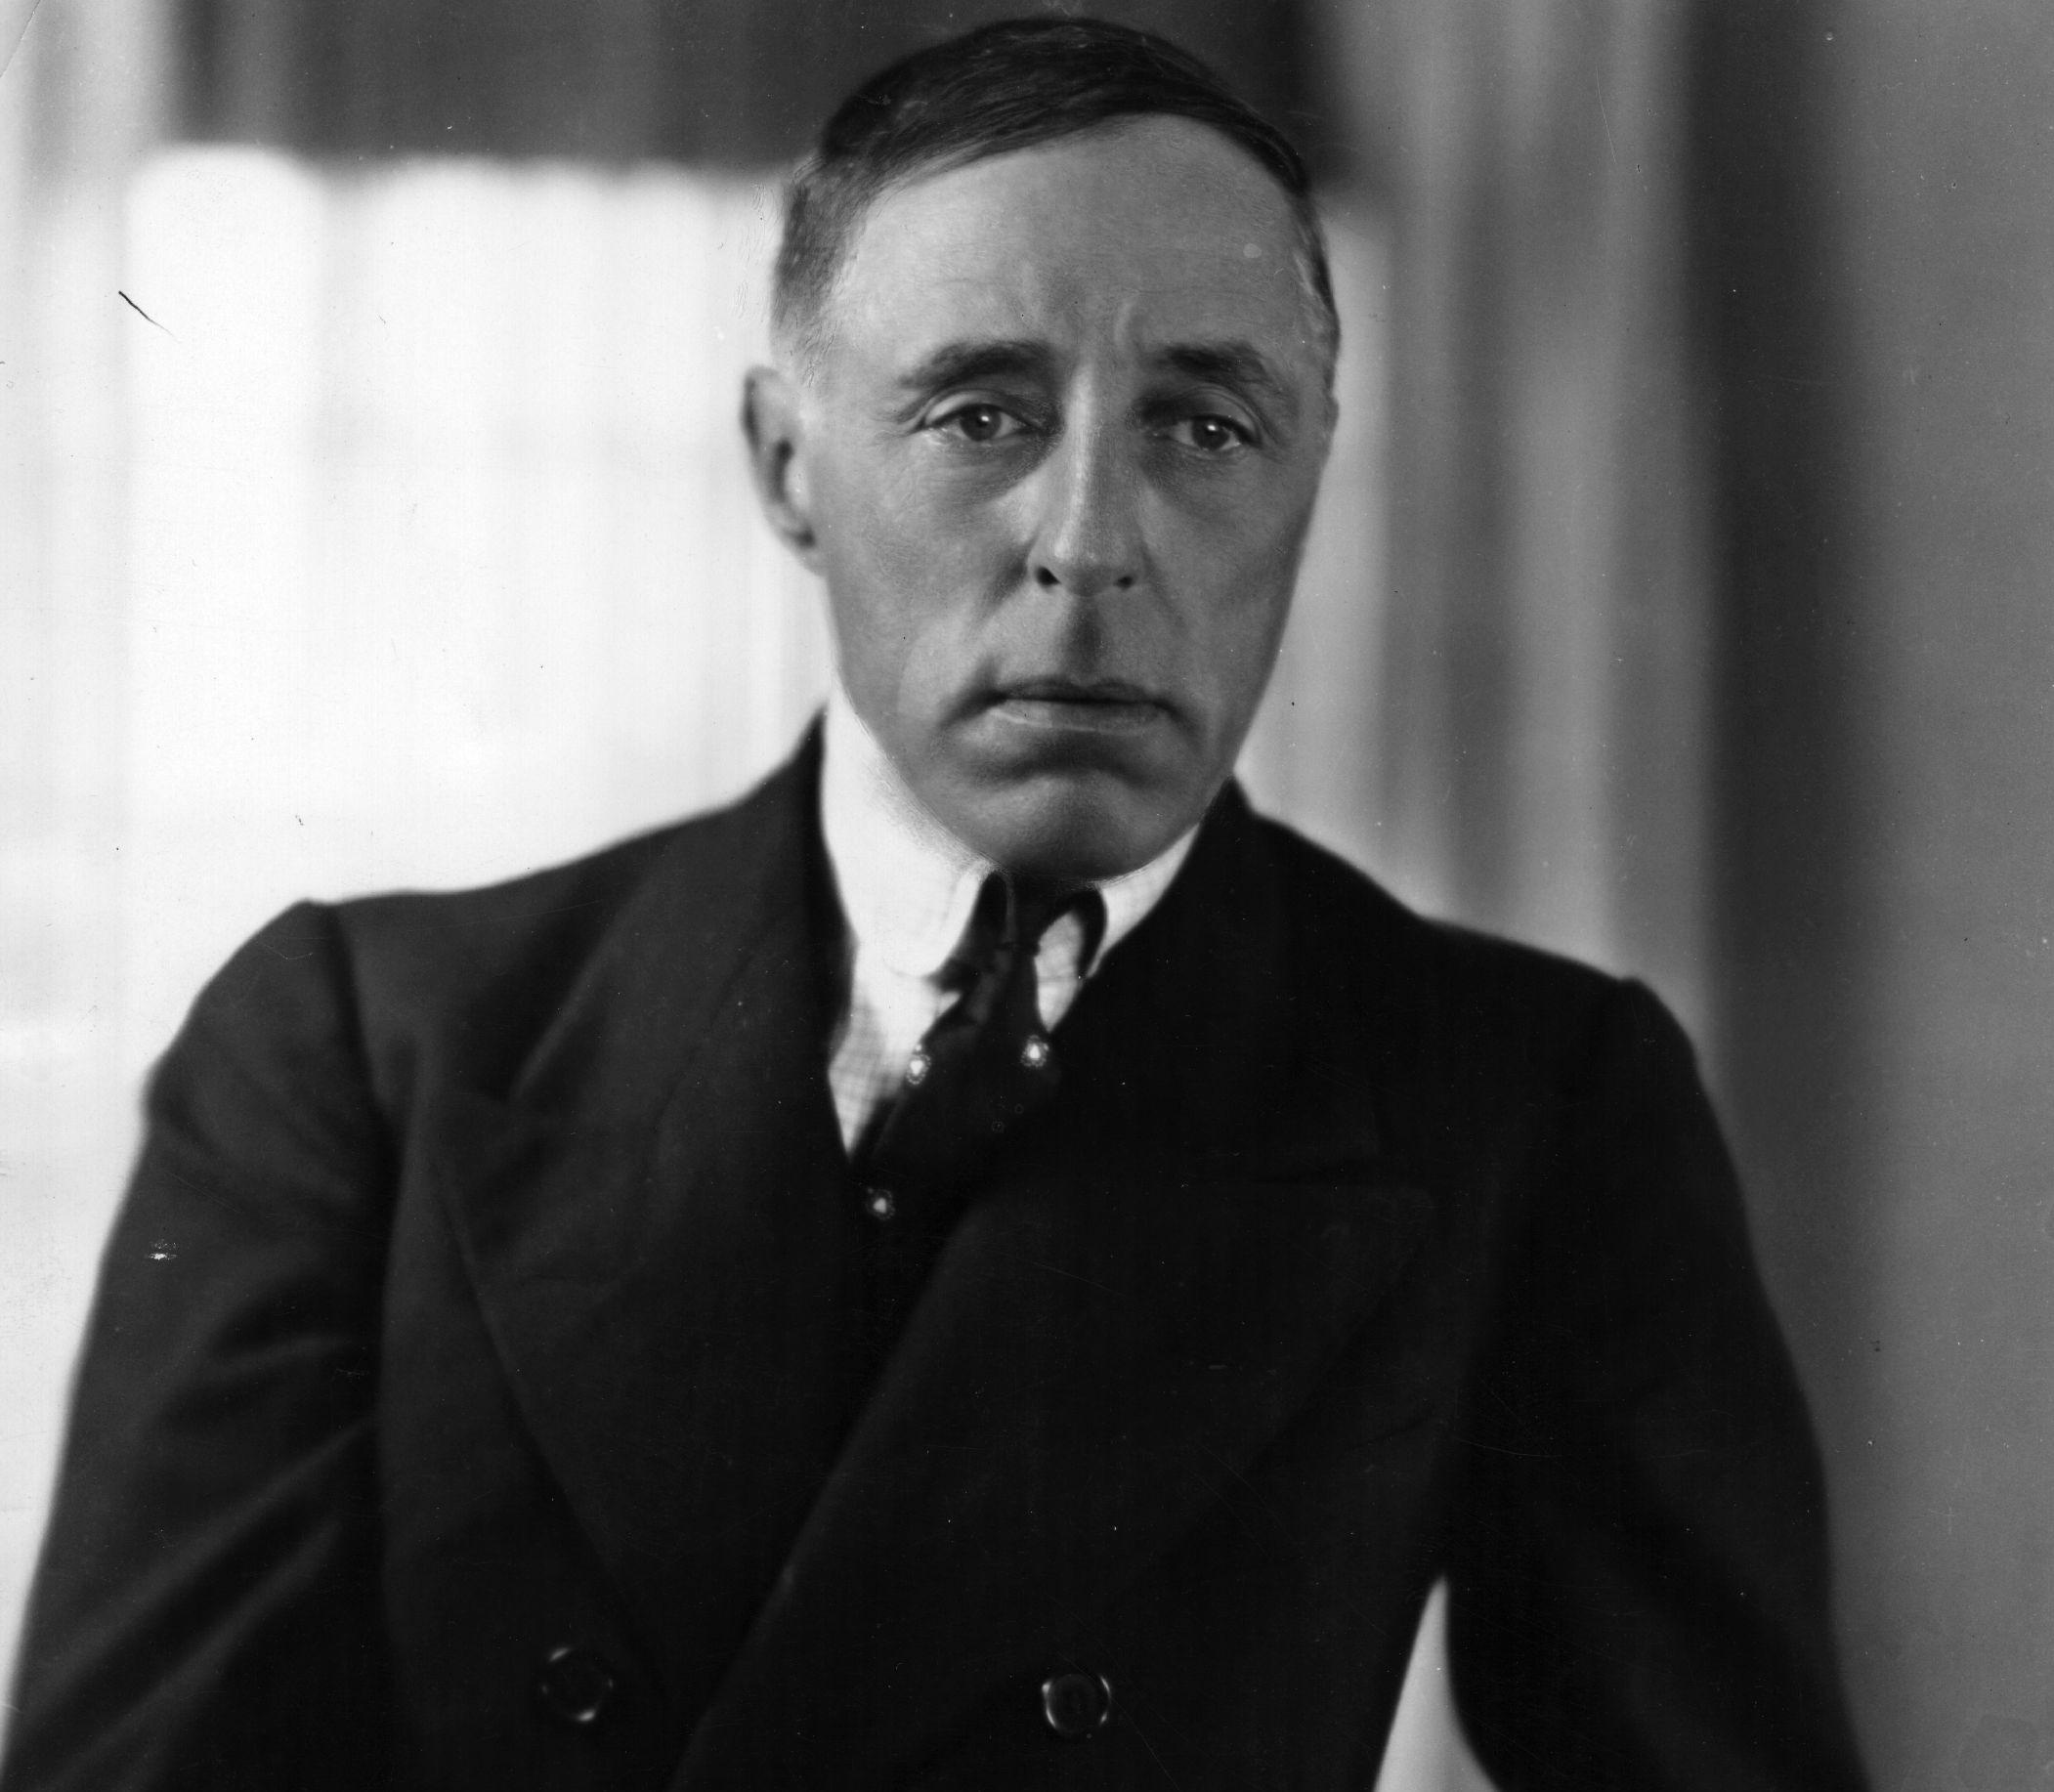 Sinemanın ilk ustası: Dawid Wark Griffith kimdir ? David Wark Griffith biyografi